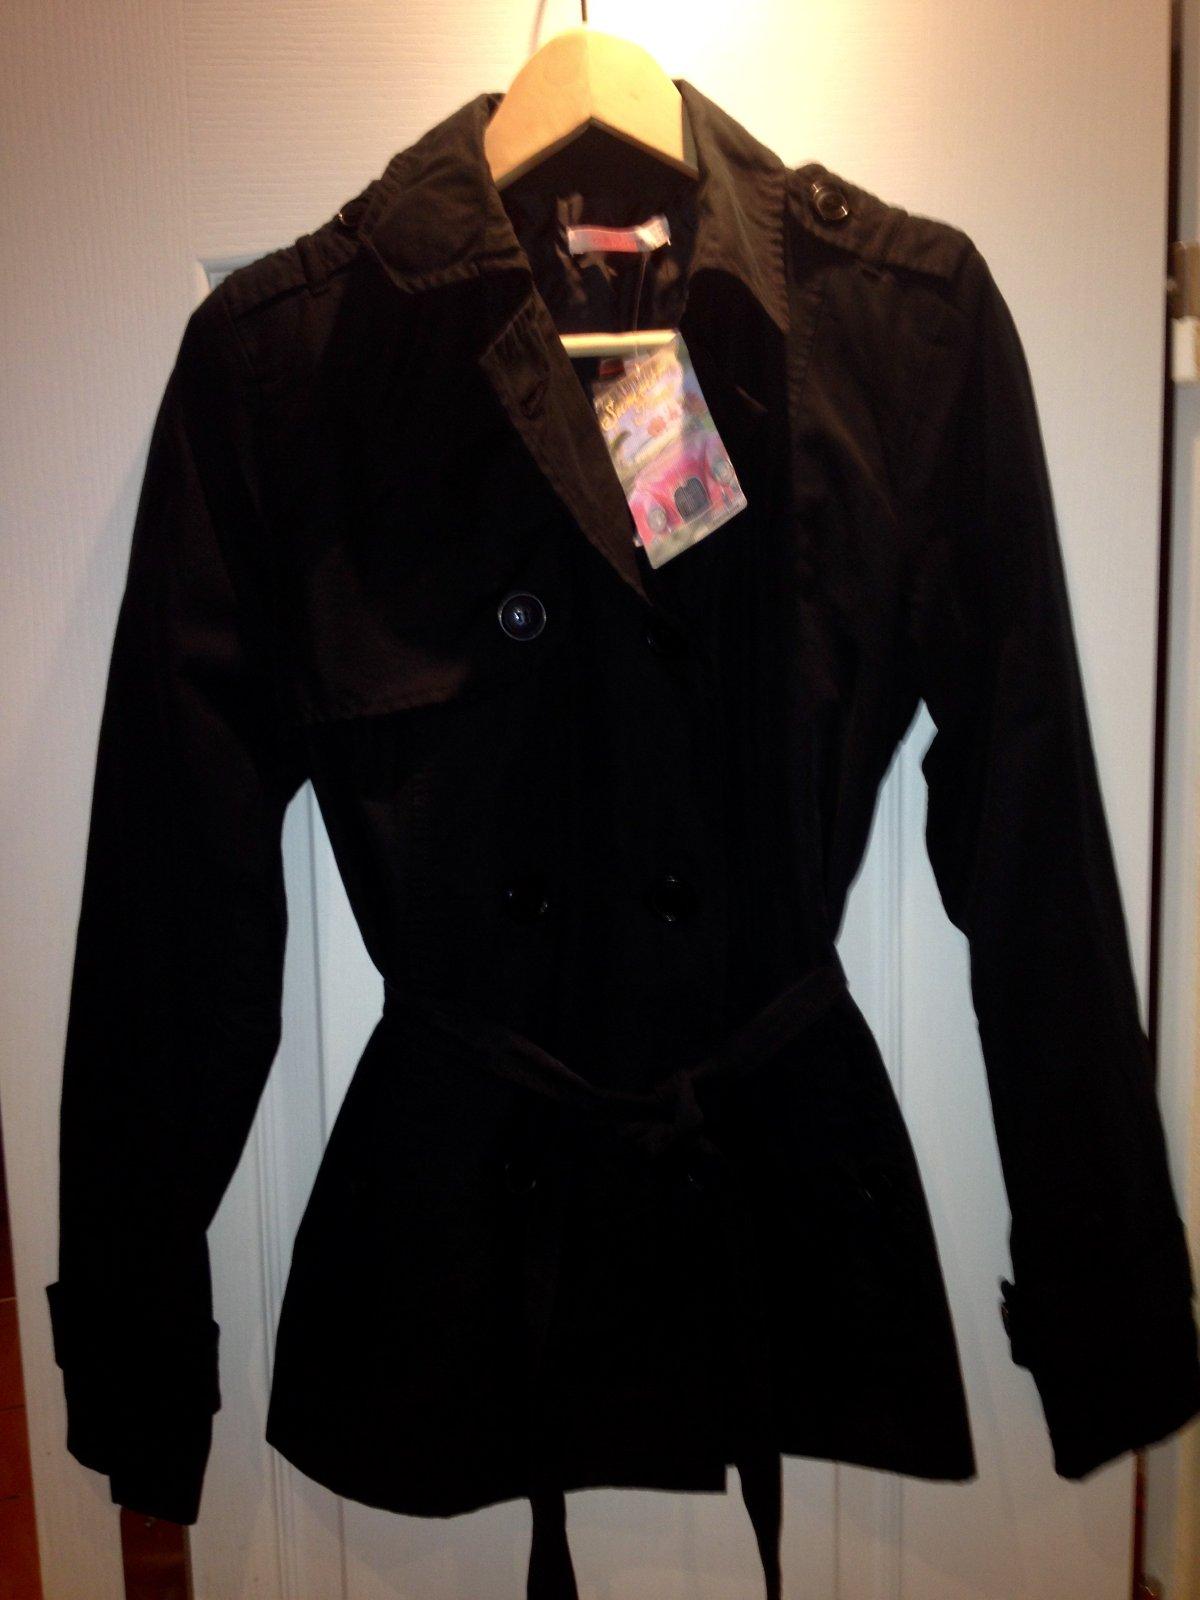 Nenošený dámský kabátek collezione vel. 38 e17e995bfe